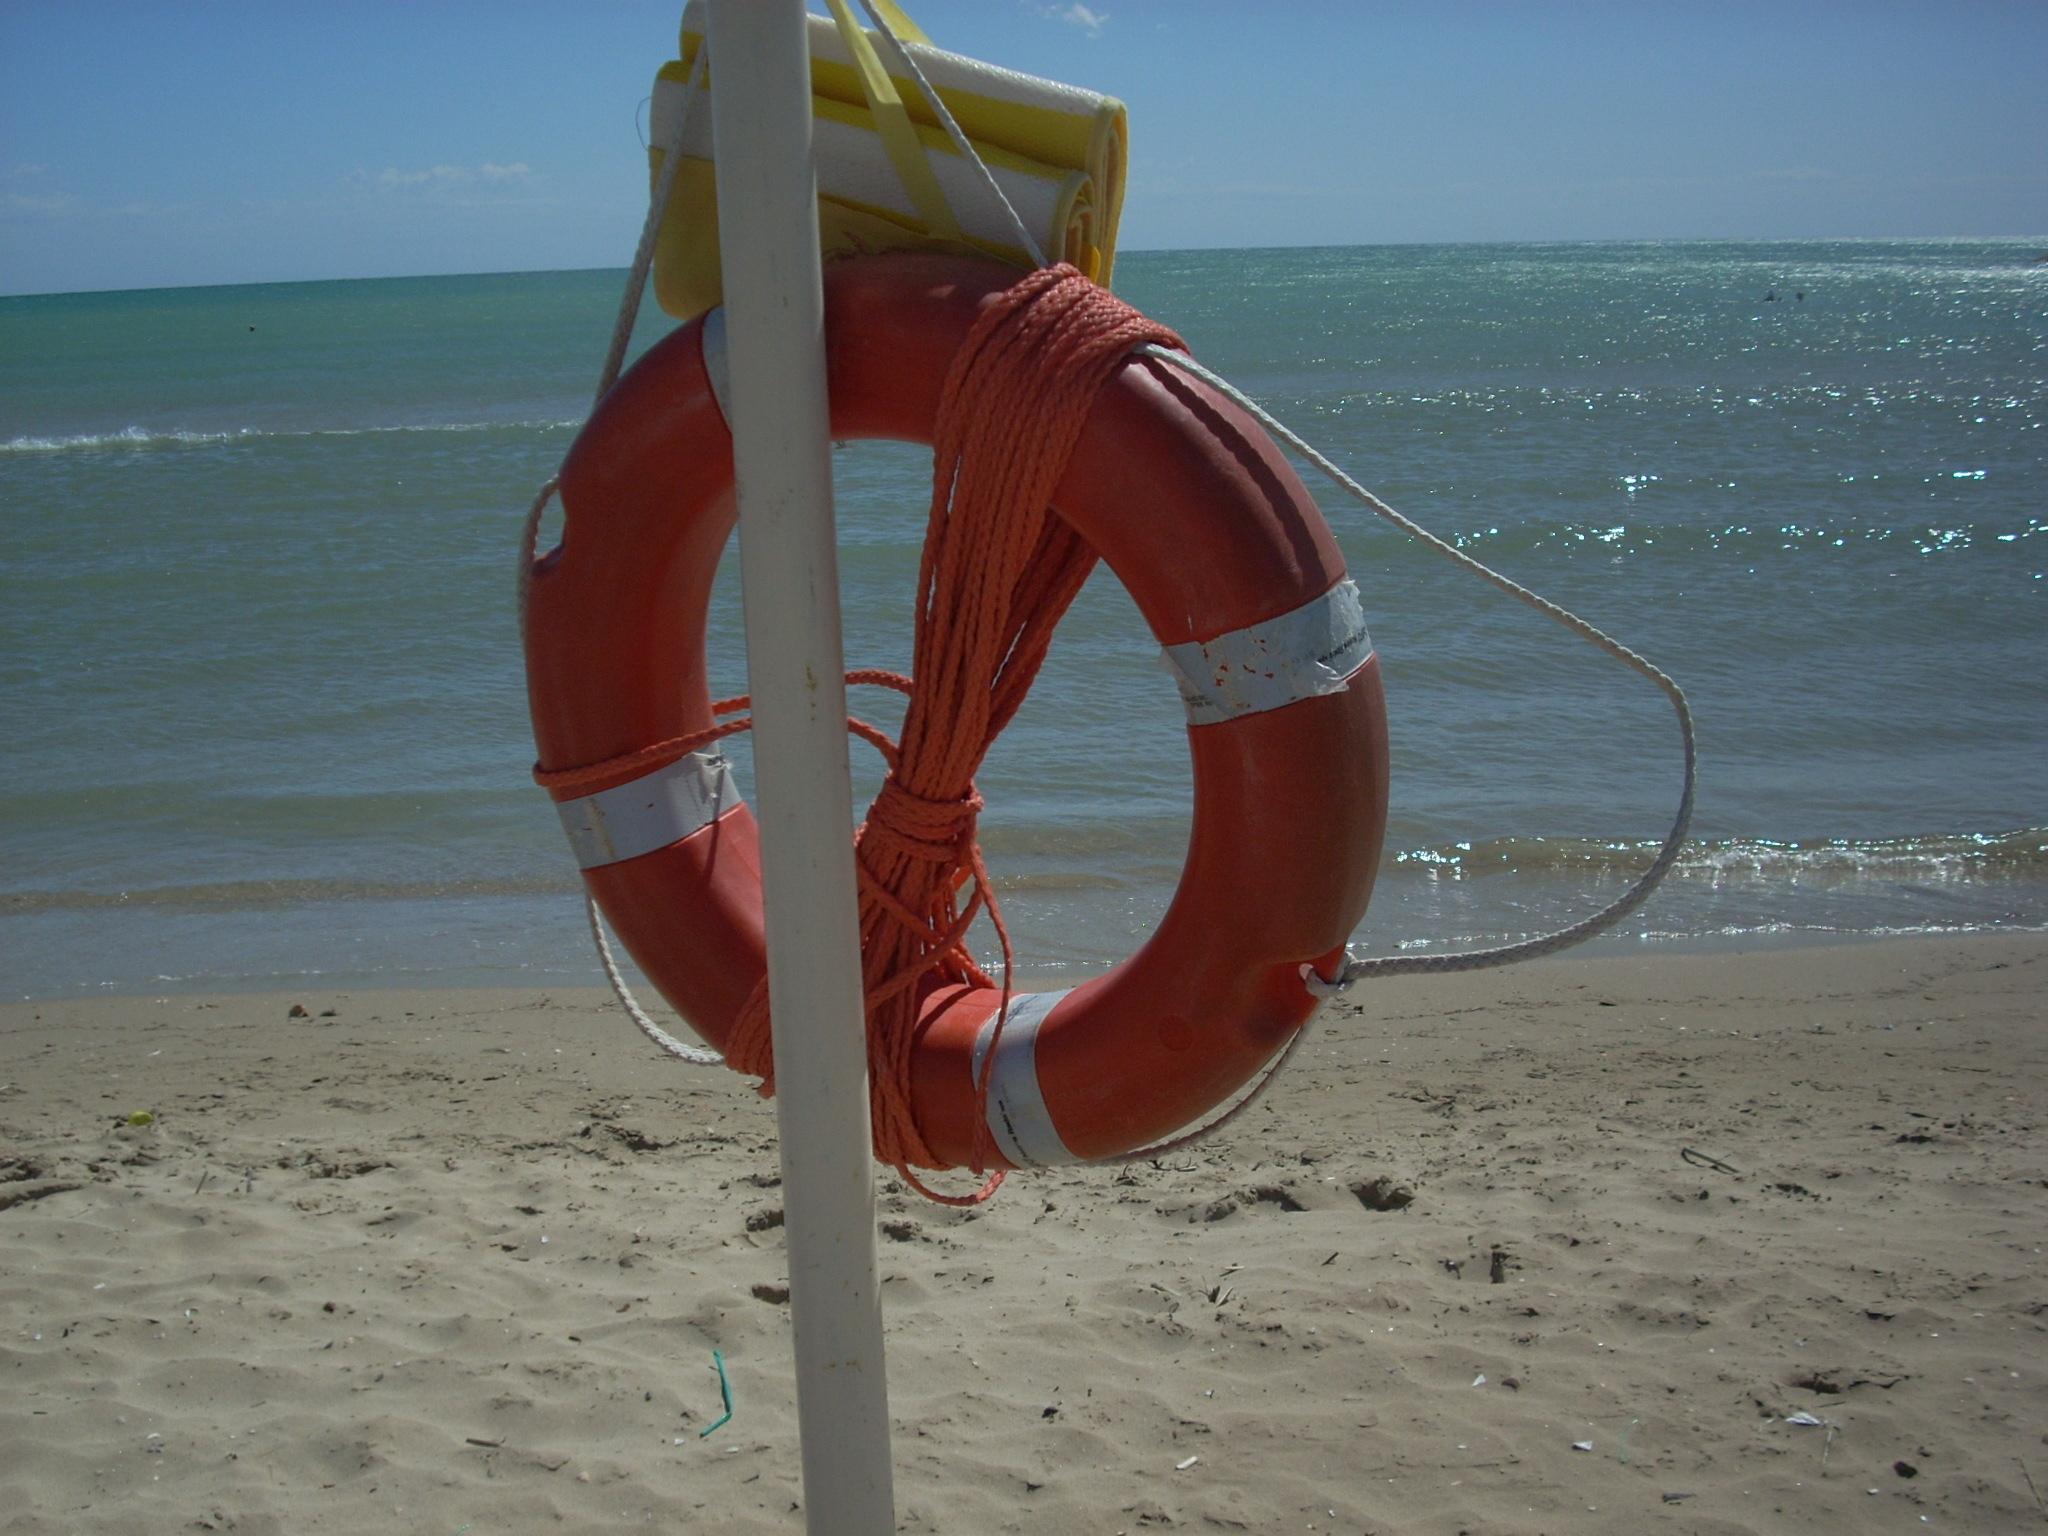 Salvataggio, annega turista